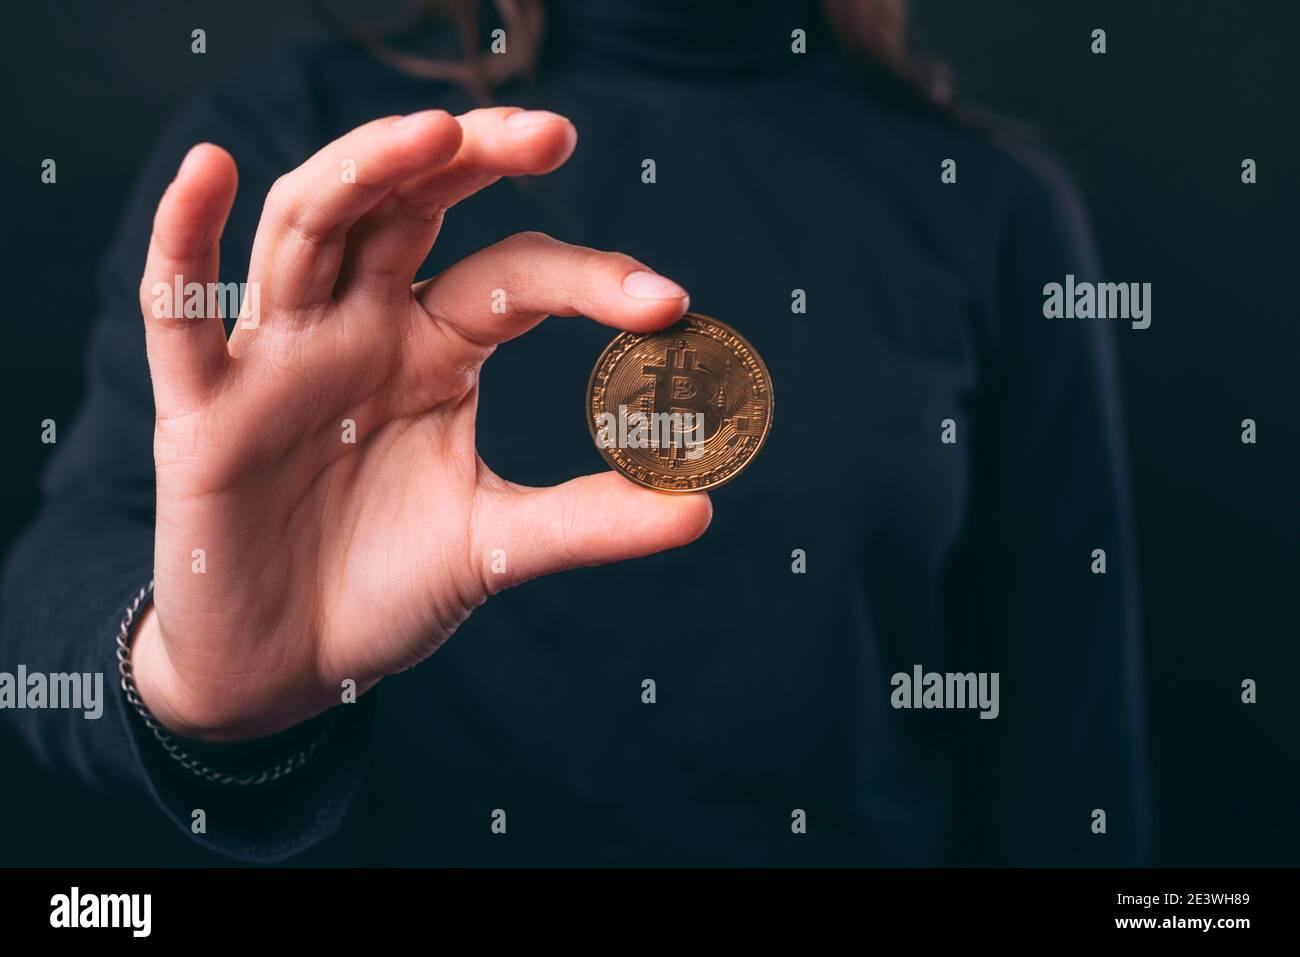 Les mains des femmes tiennent une pièce de monnaie en bitcoin sur fond noir. Banque D'Images